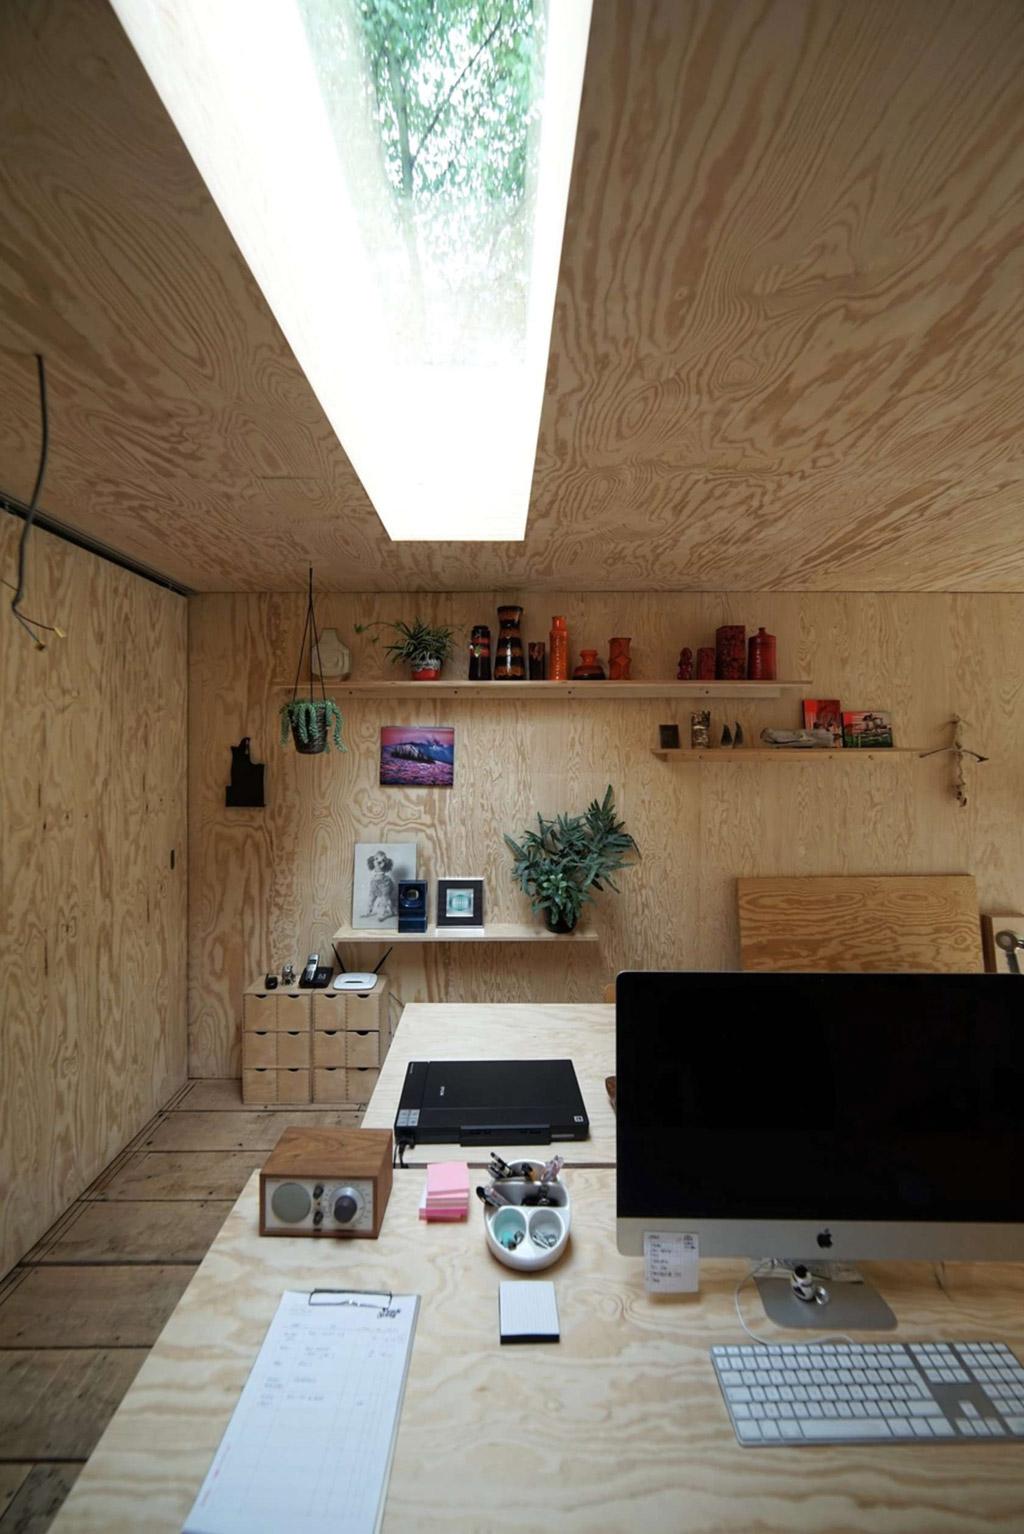 atelier-pam&jenny-lescaut-5